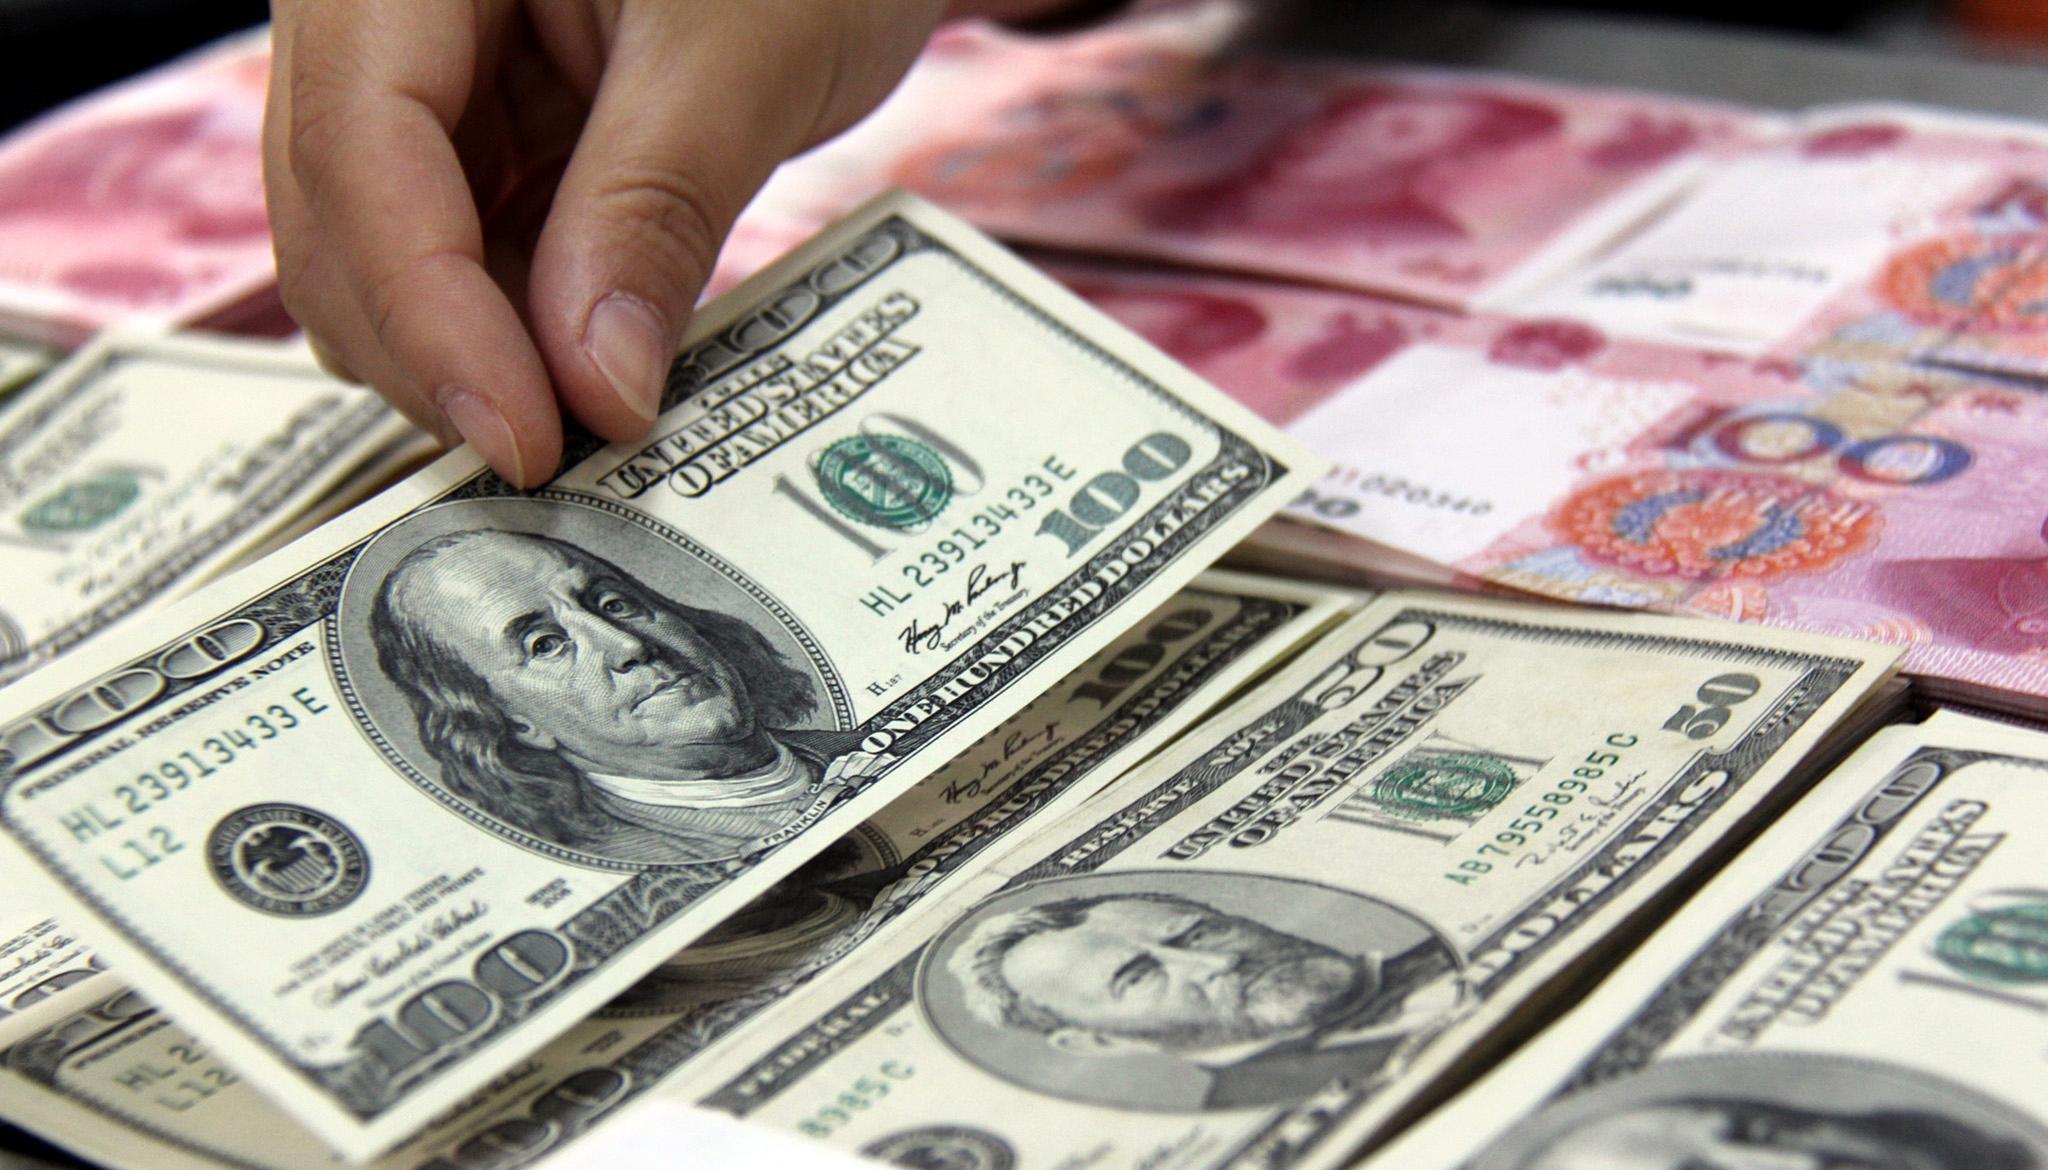 石油美元被破解!多国助力,人民币原油期货成